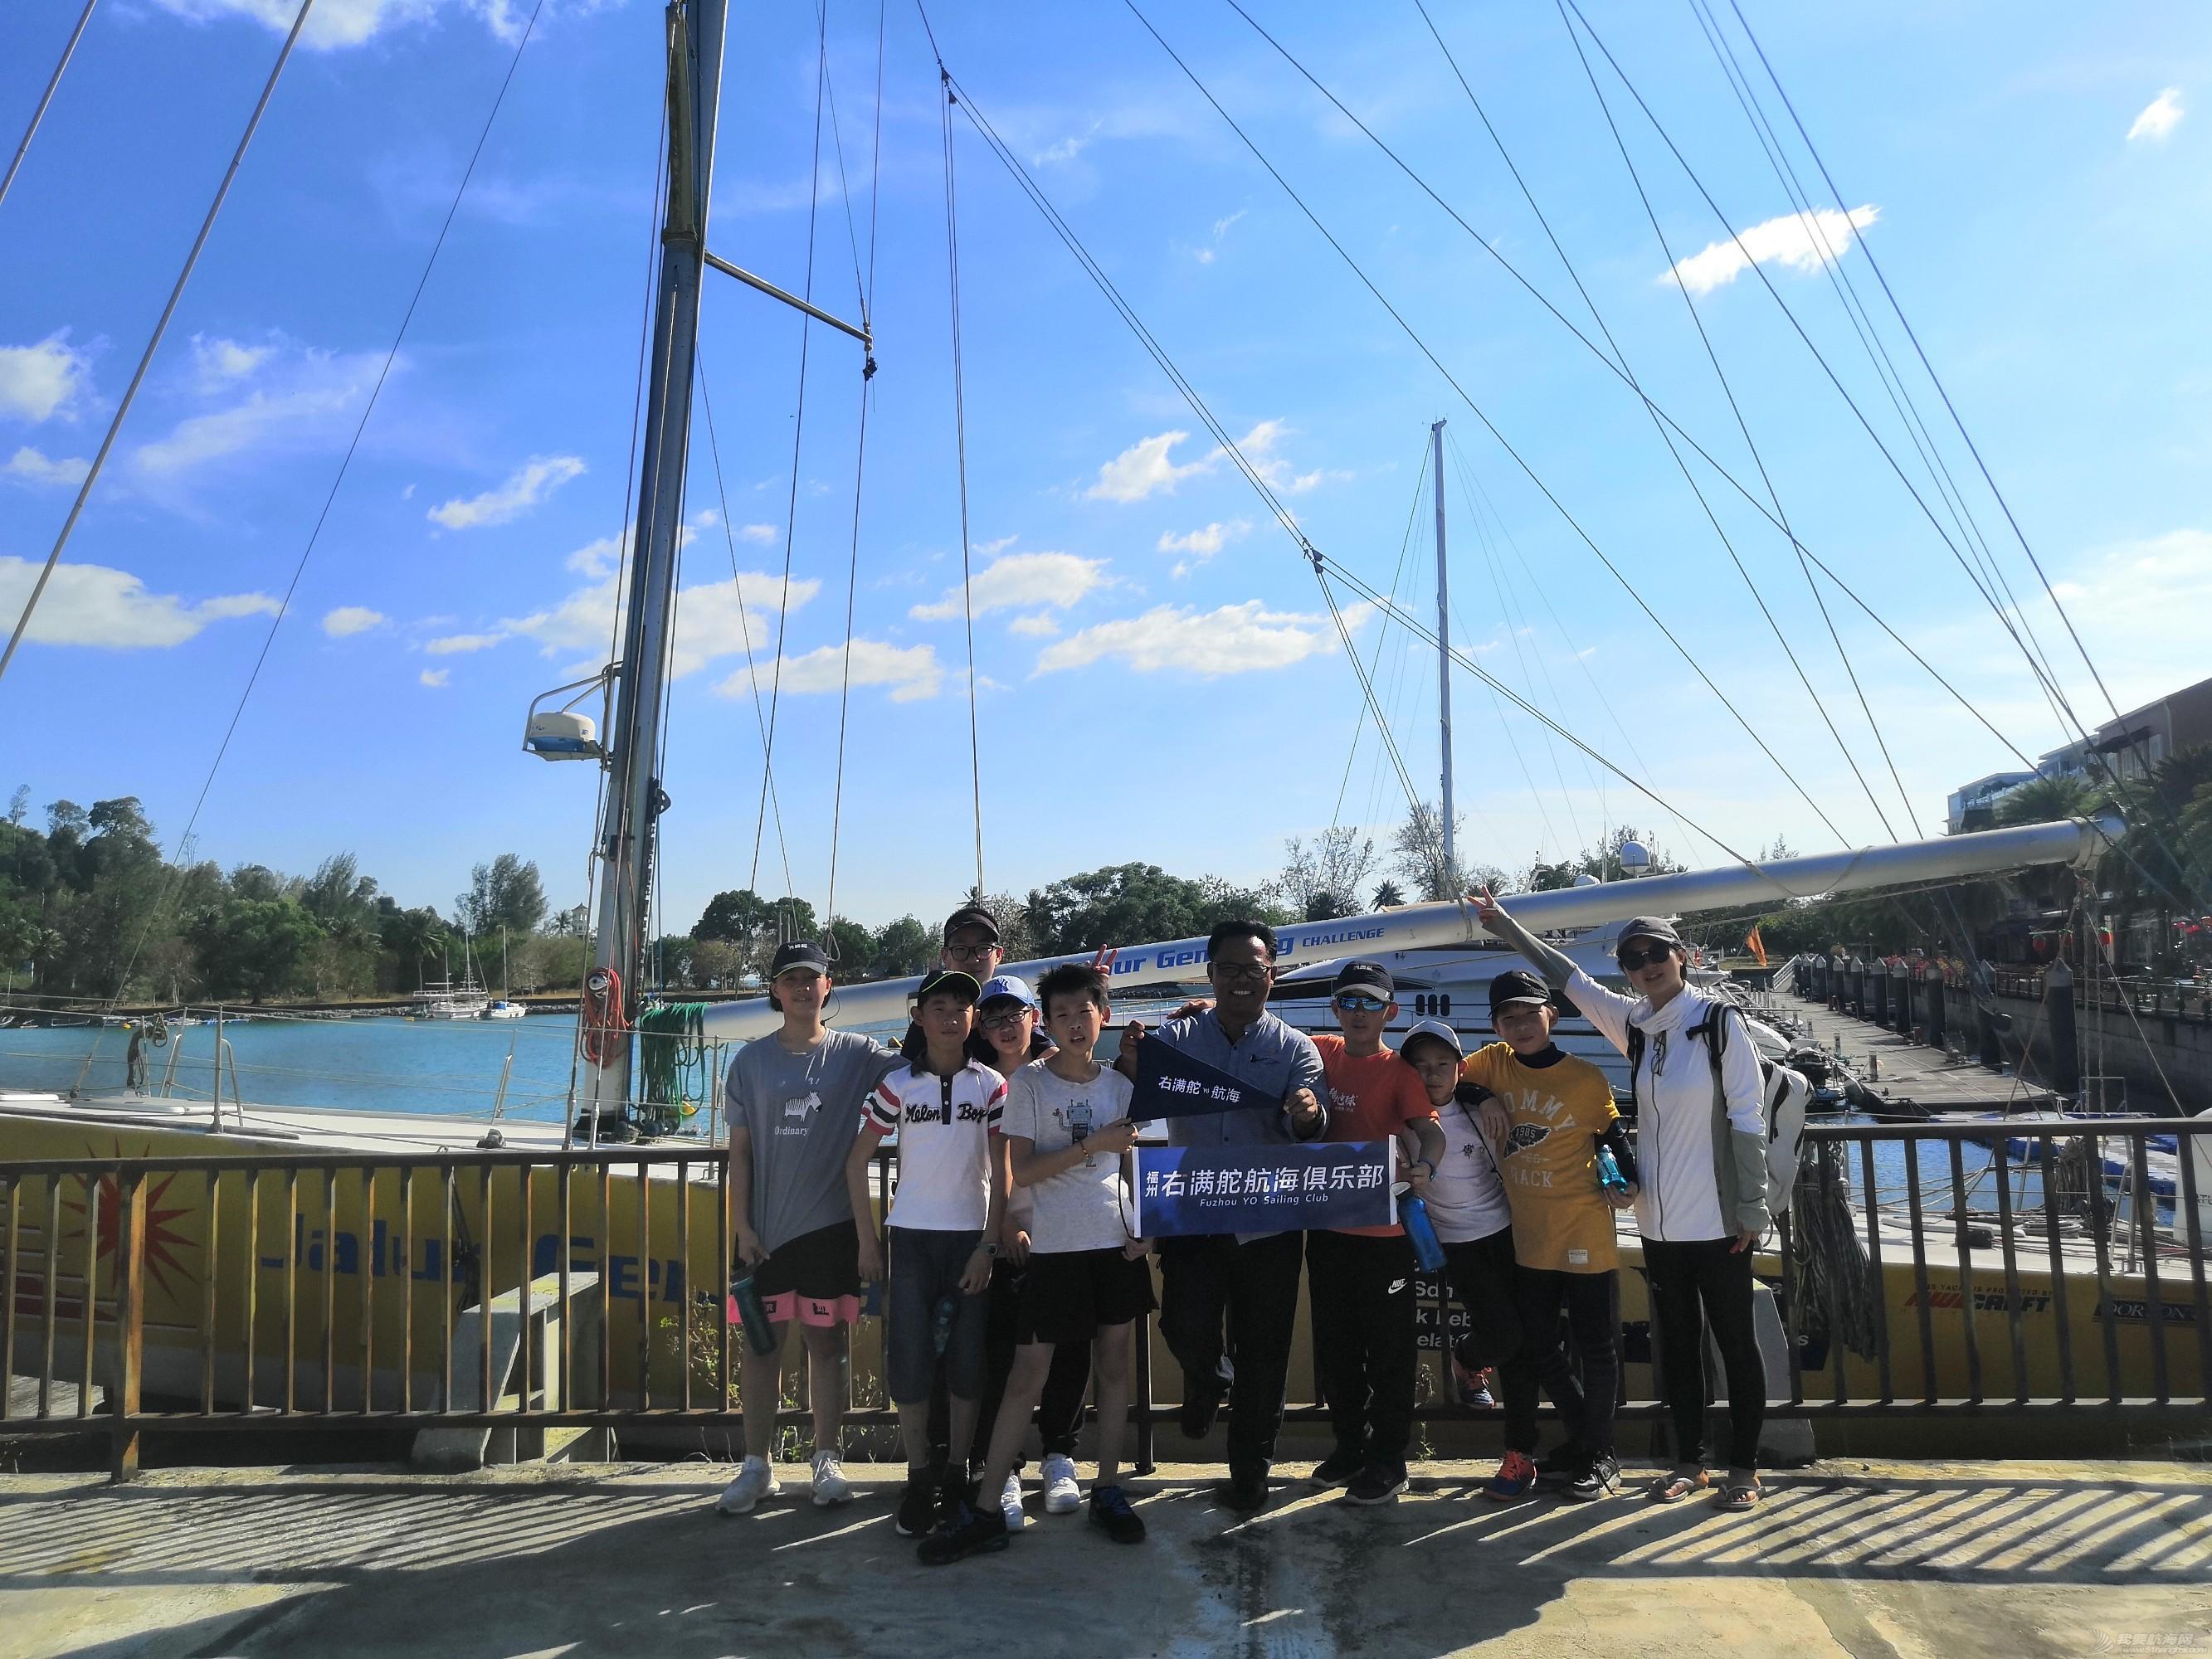 航海,福州,俱乐部,帆船,支持 福州东湖右满舵航海俱乐部  120827paizt0lktkxuzv5s